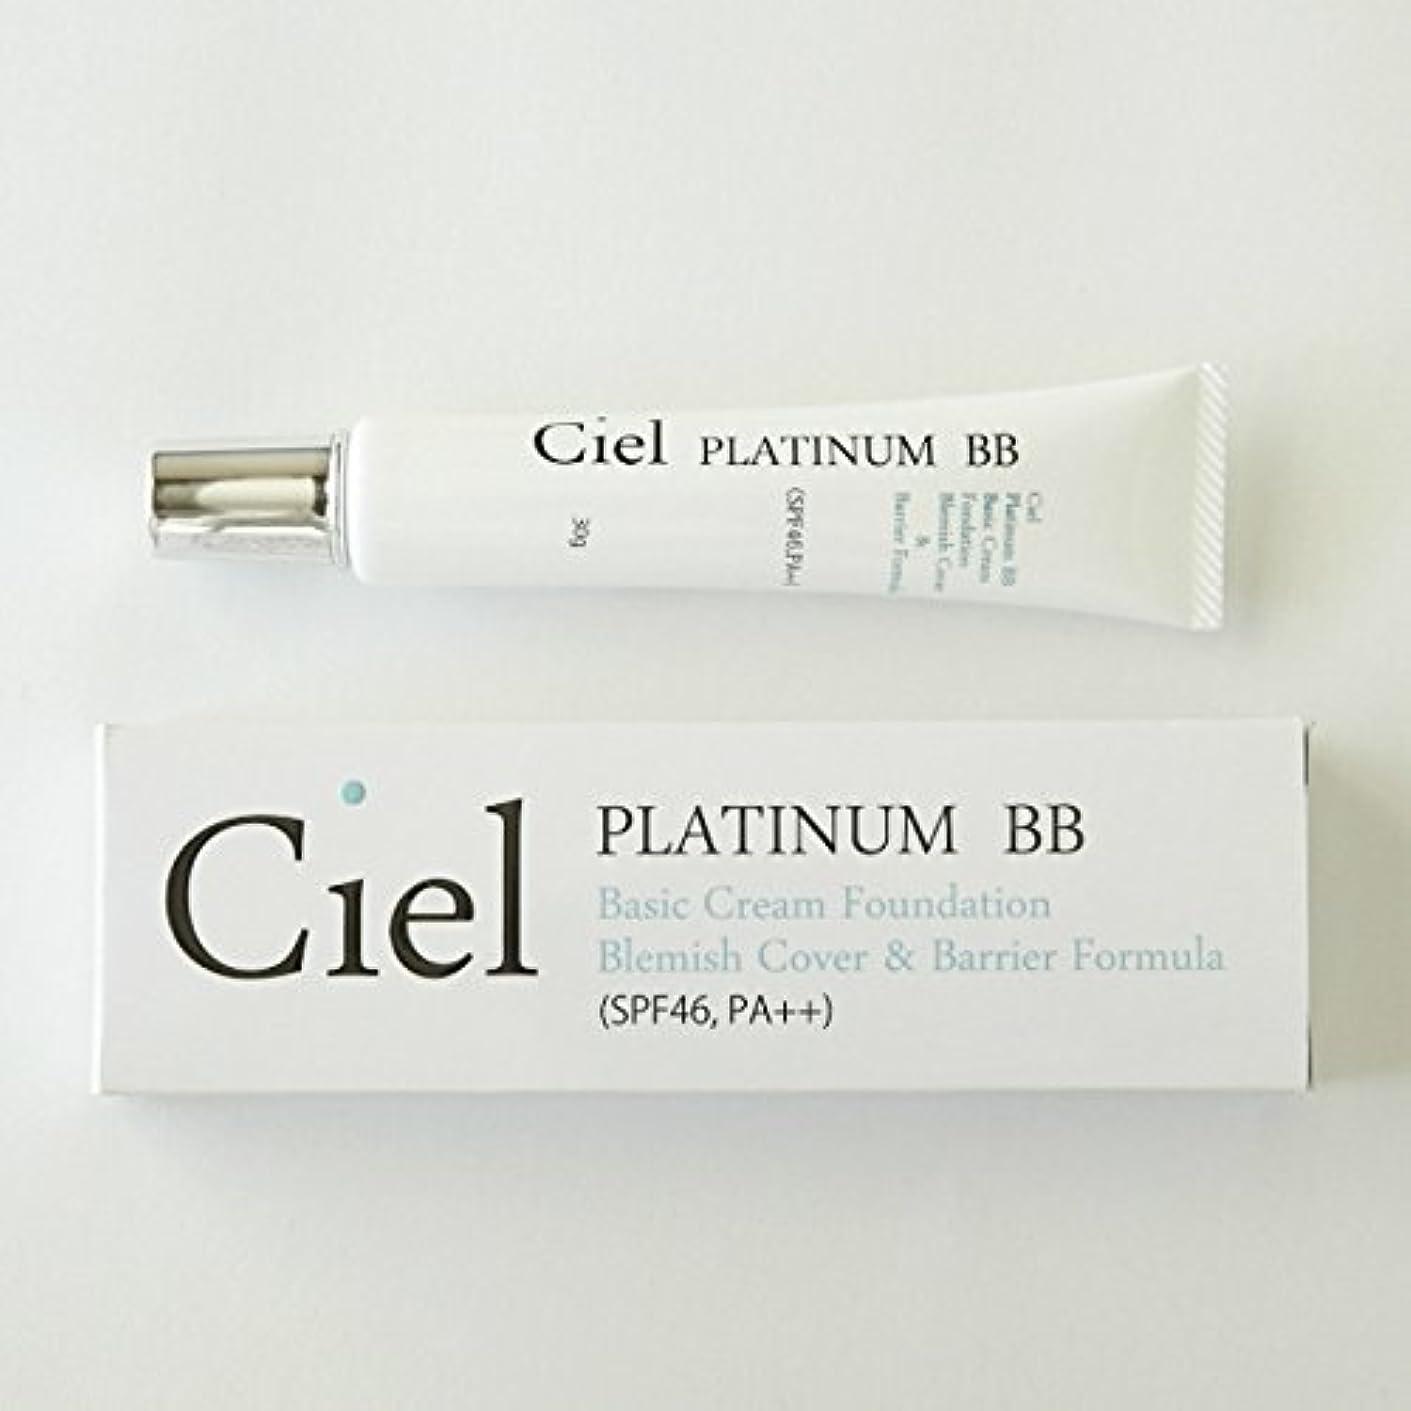 科学的ピュー視聴者Ciel Salon de Beaute Ciel PLATINUM BB SPF46 BBクリーム ファンデーション 日本製 日焼け止め